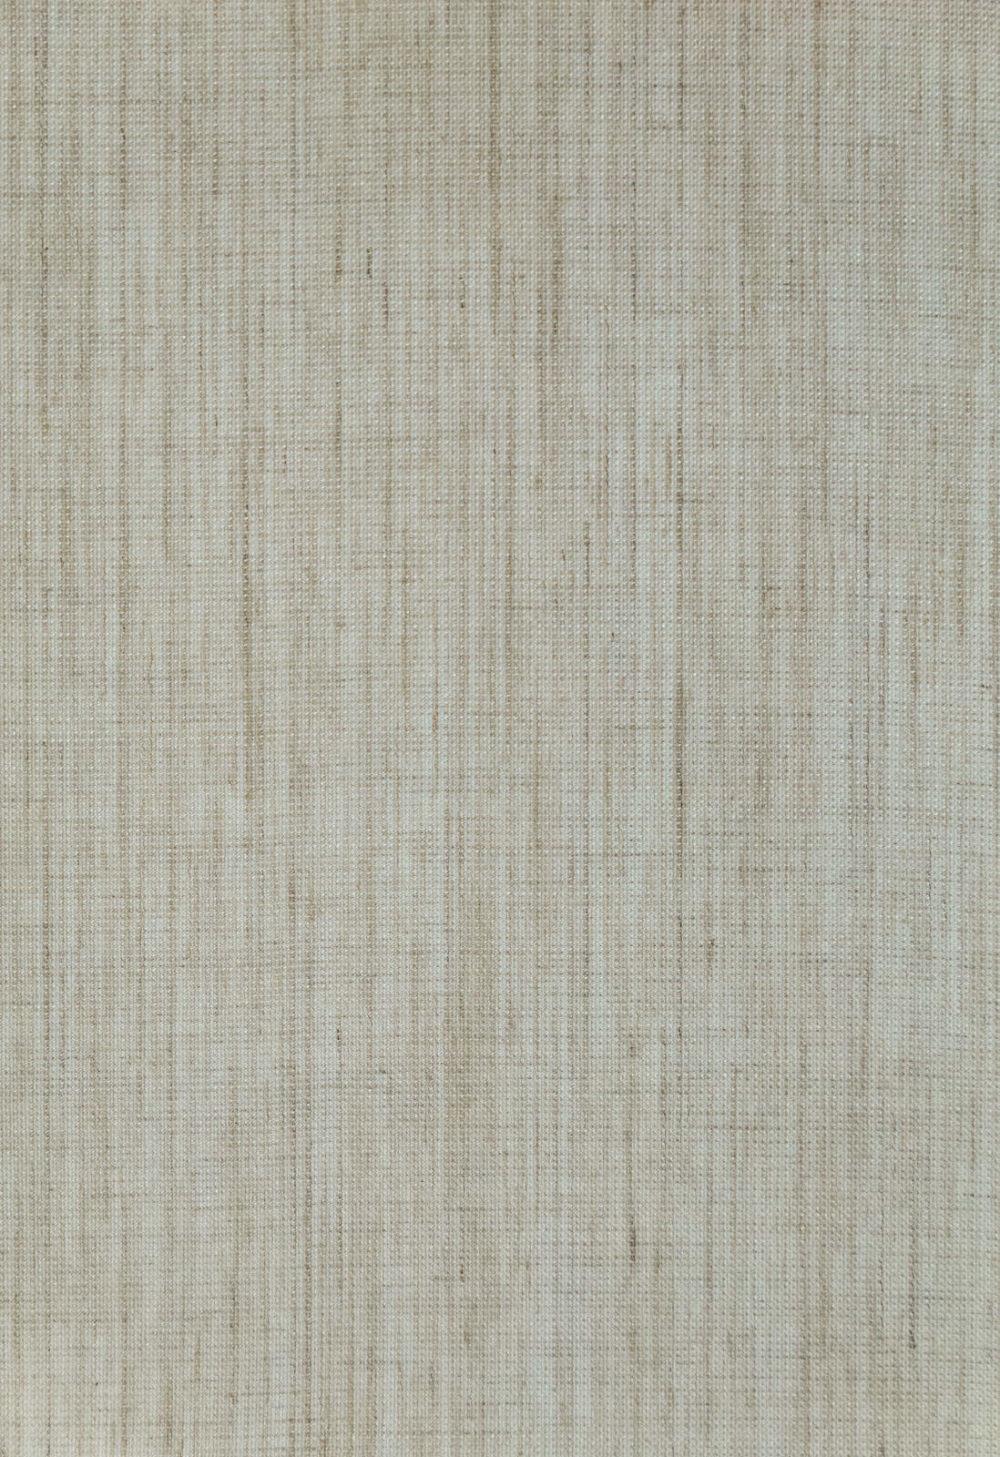 Woven Linen 7731